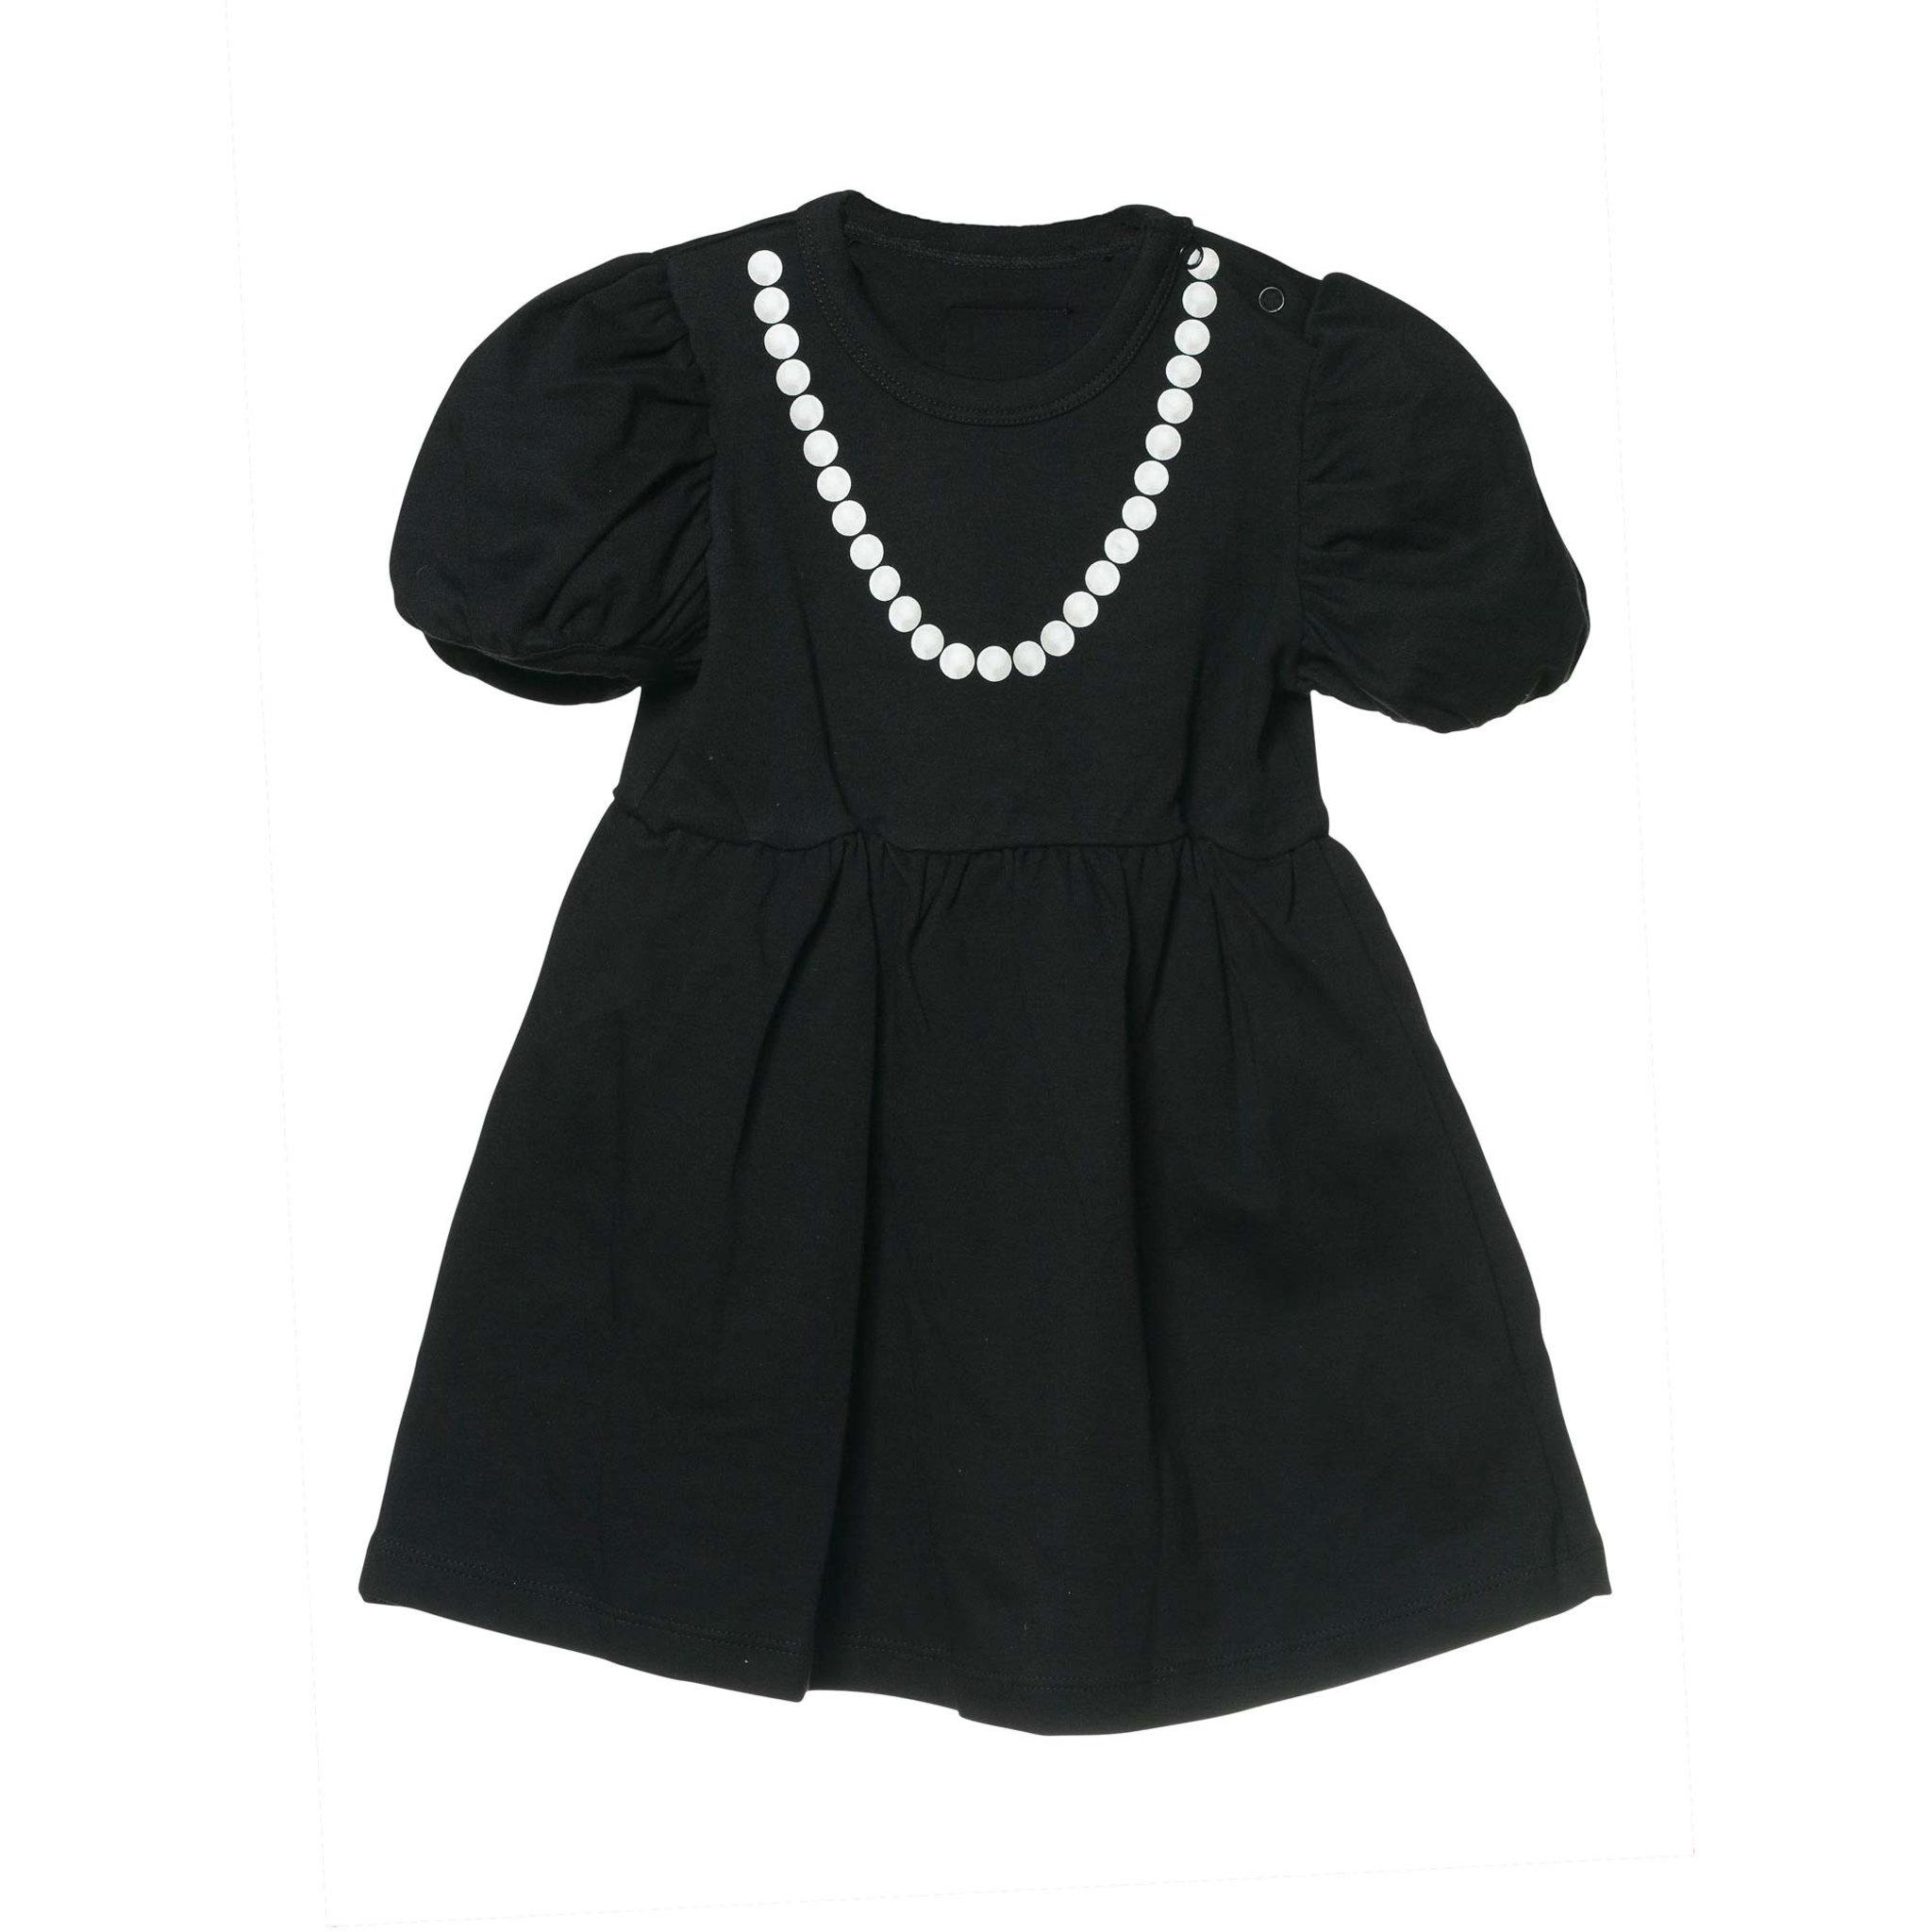 svart klänning baby